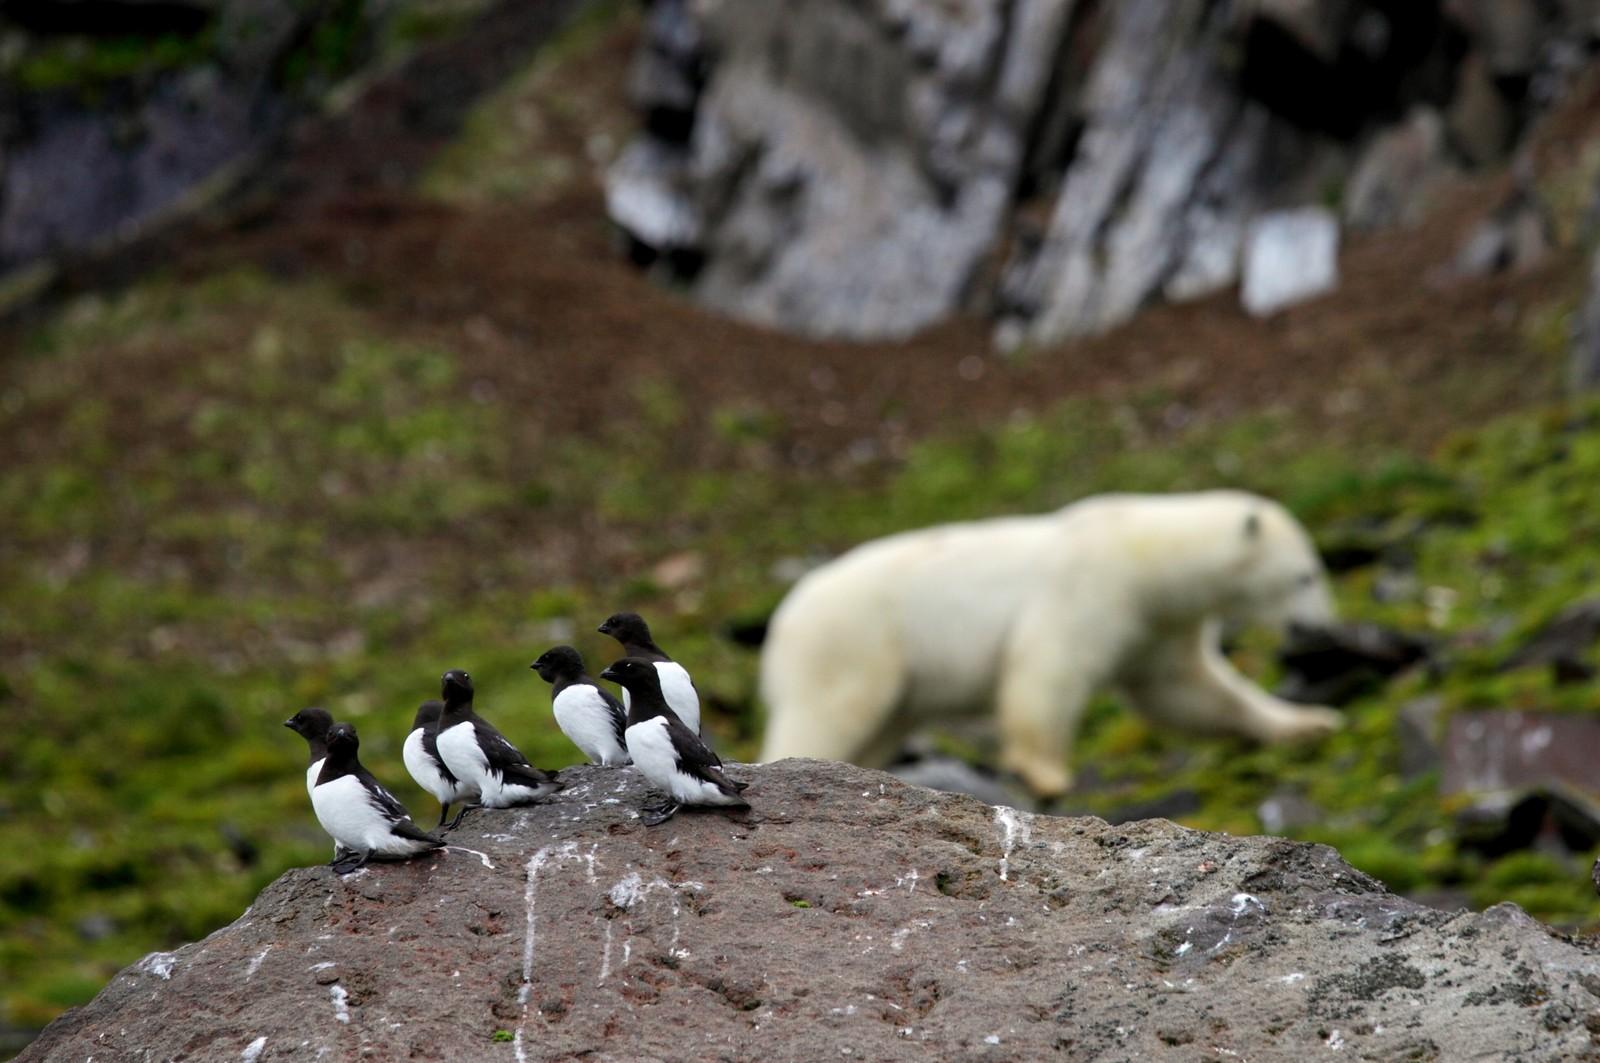 SOMMER: Om sommeren trekker isen seg tilbake og noen bjørner velger å vente på øyene til isen kommer tilbake. Verdens isbjørneksperter frykter at dårligere isforhold vil føre til nedgang i isbjørnbestanden. Amerikanske forskere har antatt at verdens isbjørnbestand kan bli redusert til en tredel av dagens antall rundt år 2050 (kilde: http://www.npolar.no/no/arter/isbjorn.html).